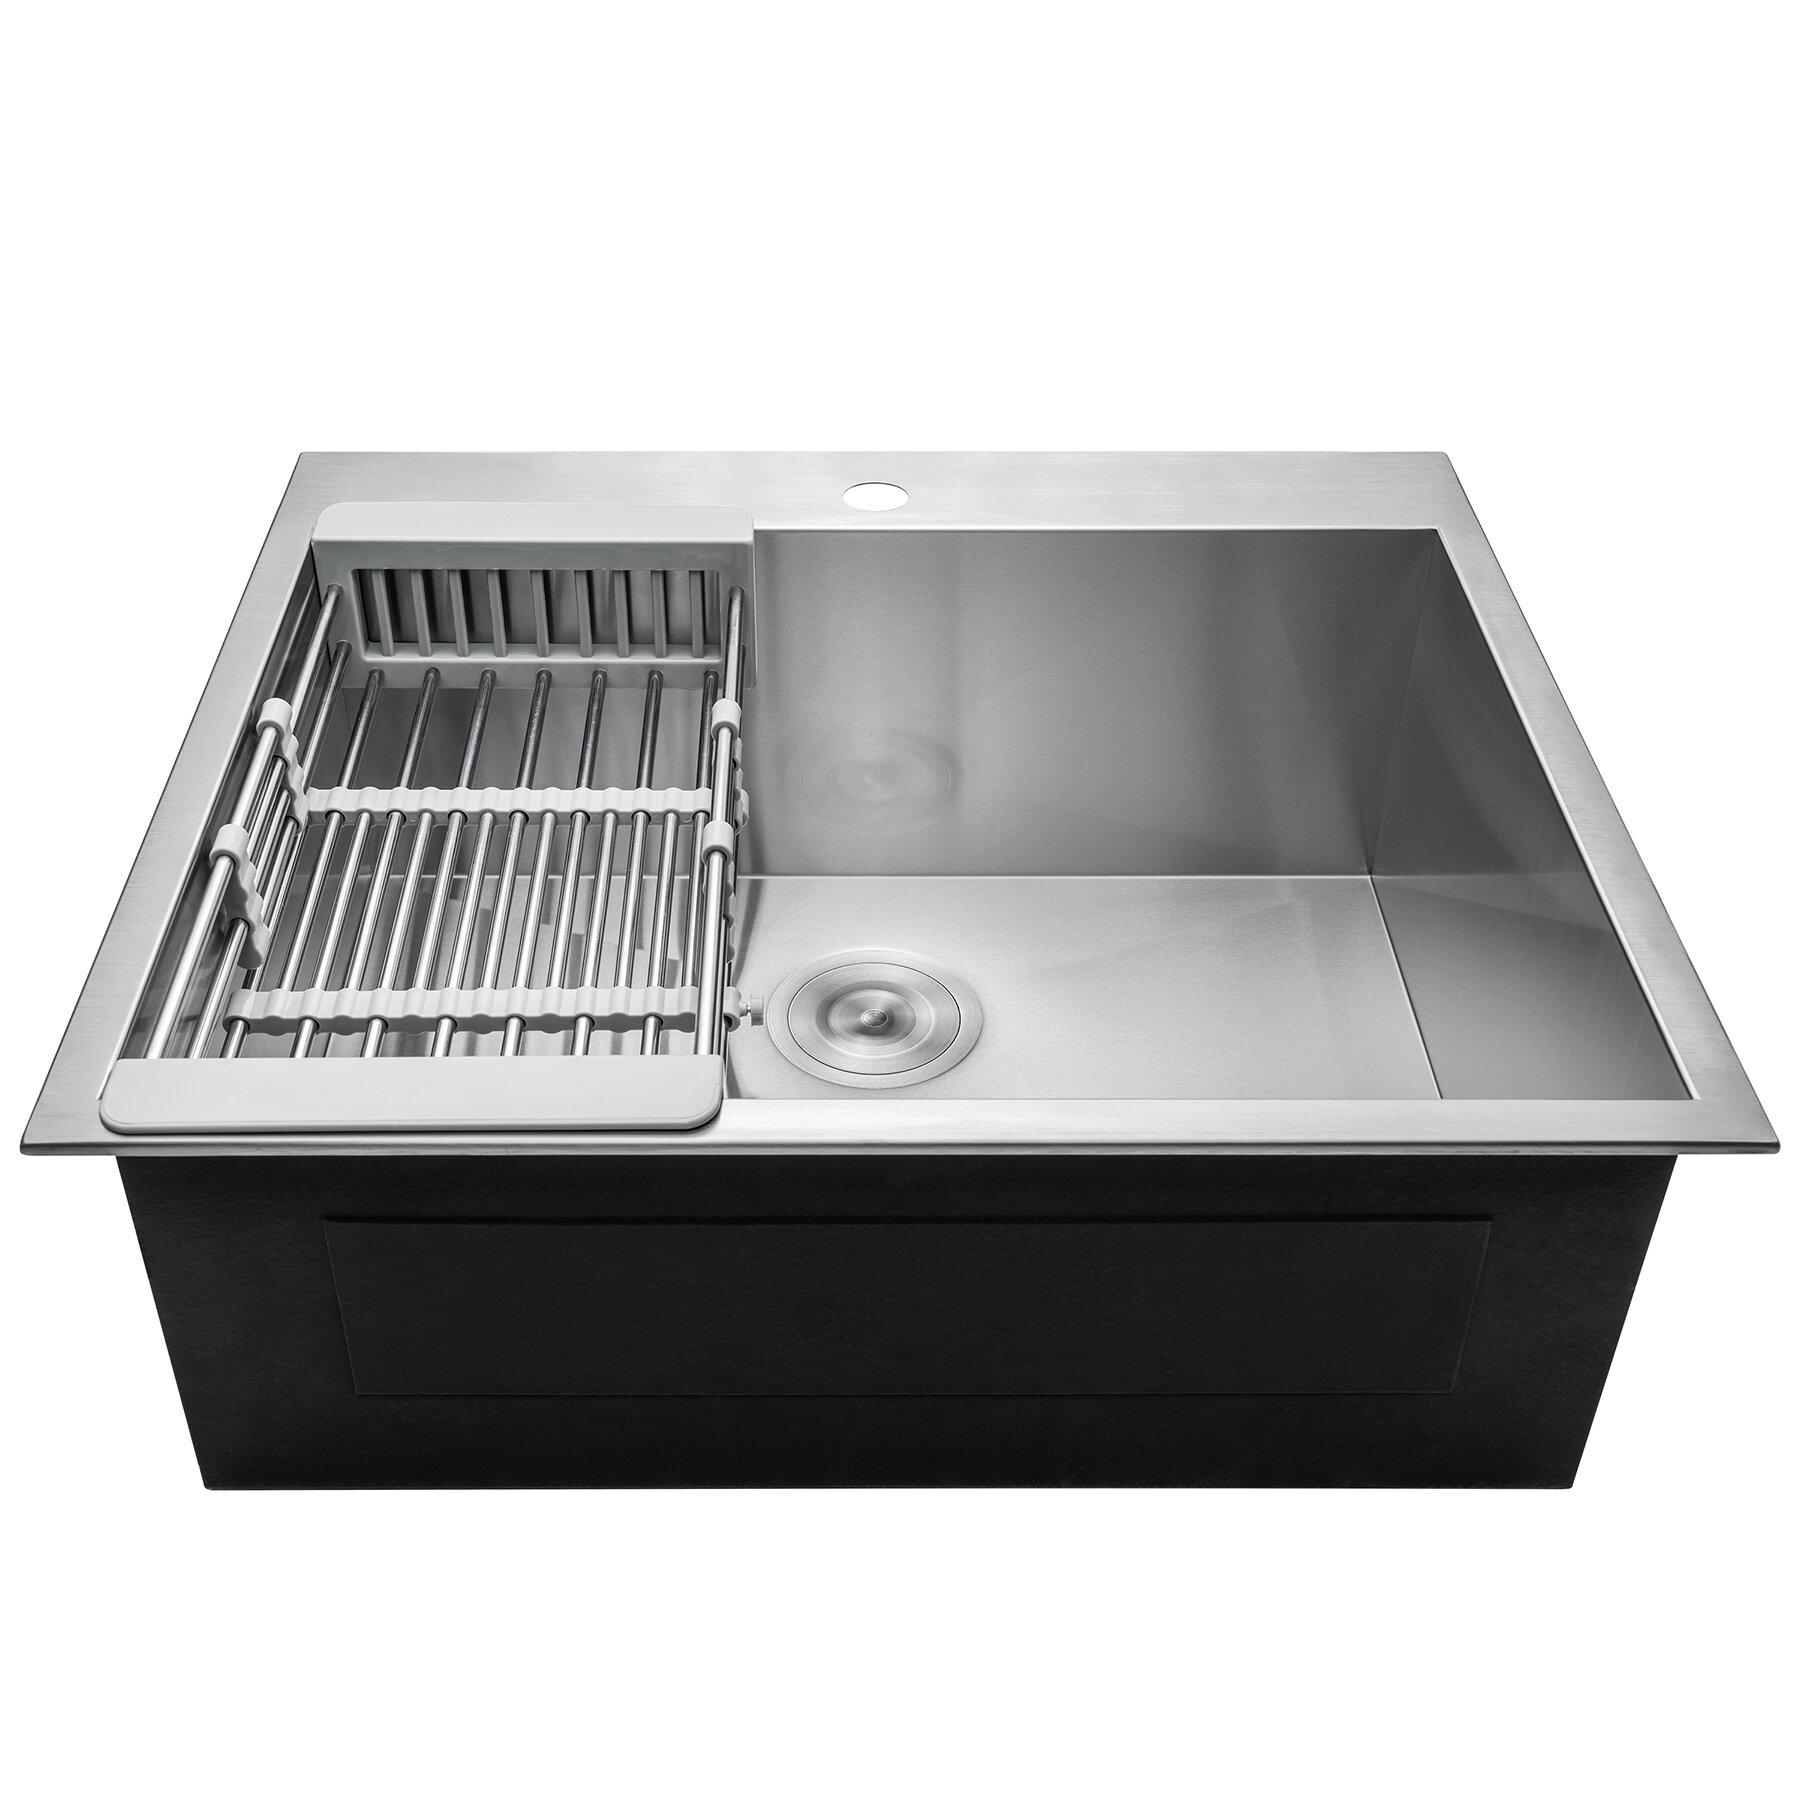 Ks0095 25 x 22 drop in kitchen sink with basket strainer